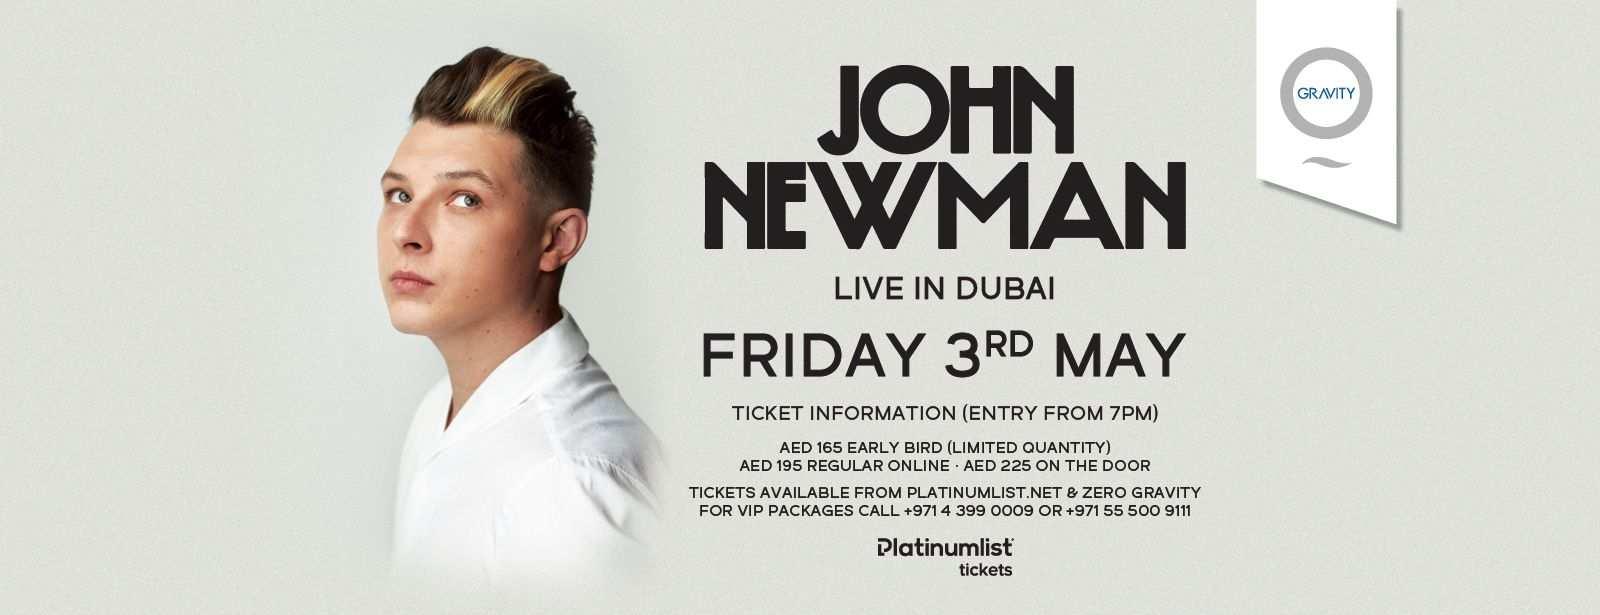 John Newman Live in Dubai